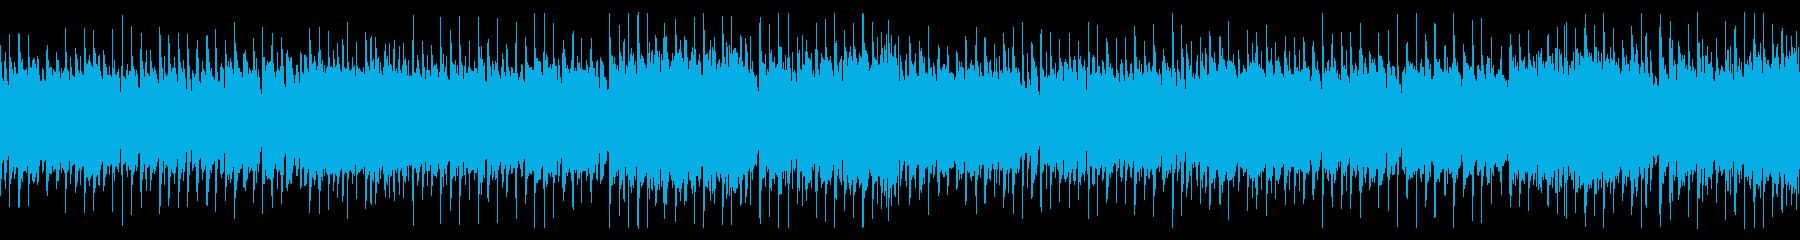 日向ぼっこのようなほのぼのするBGMの再生済みの波形